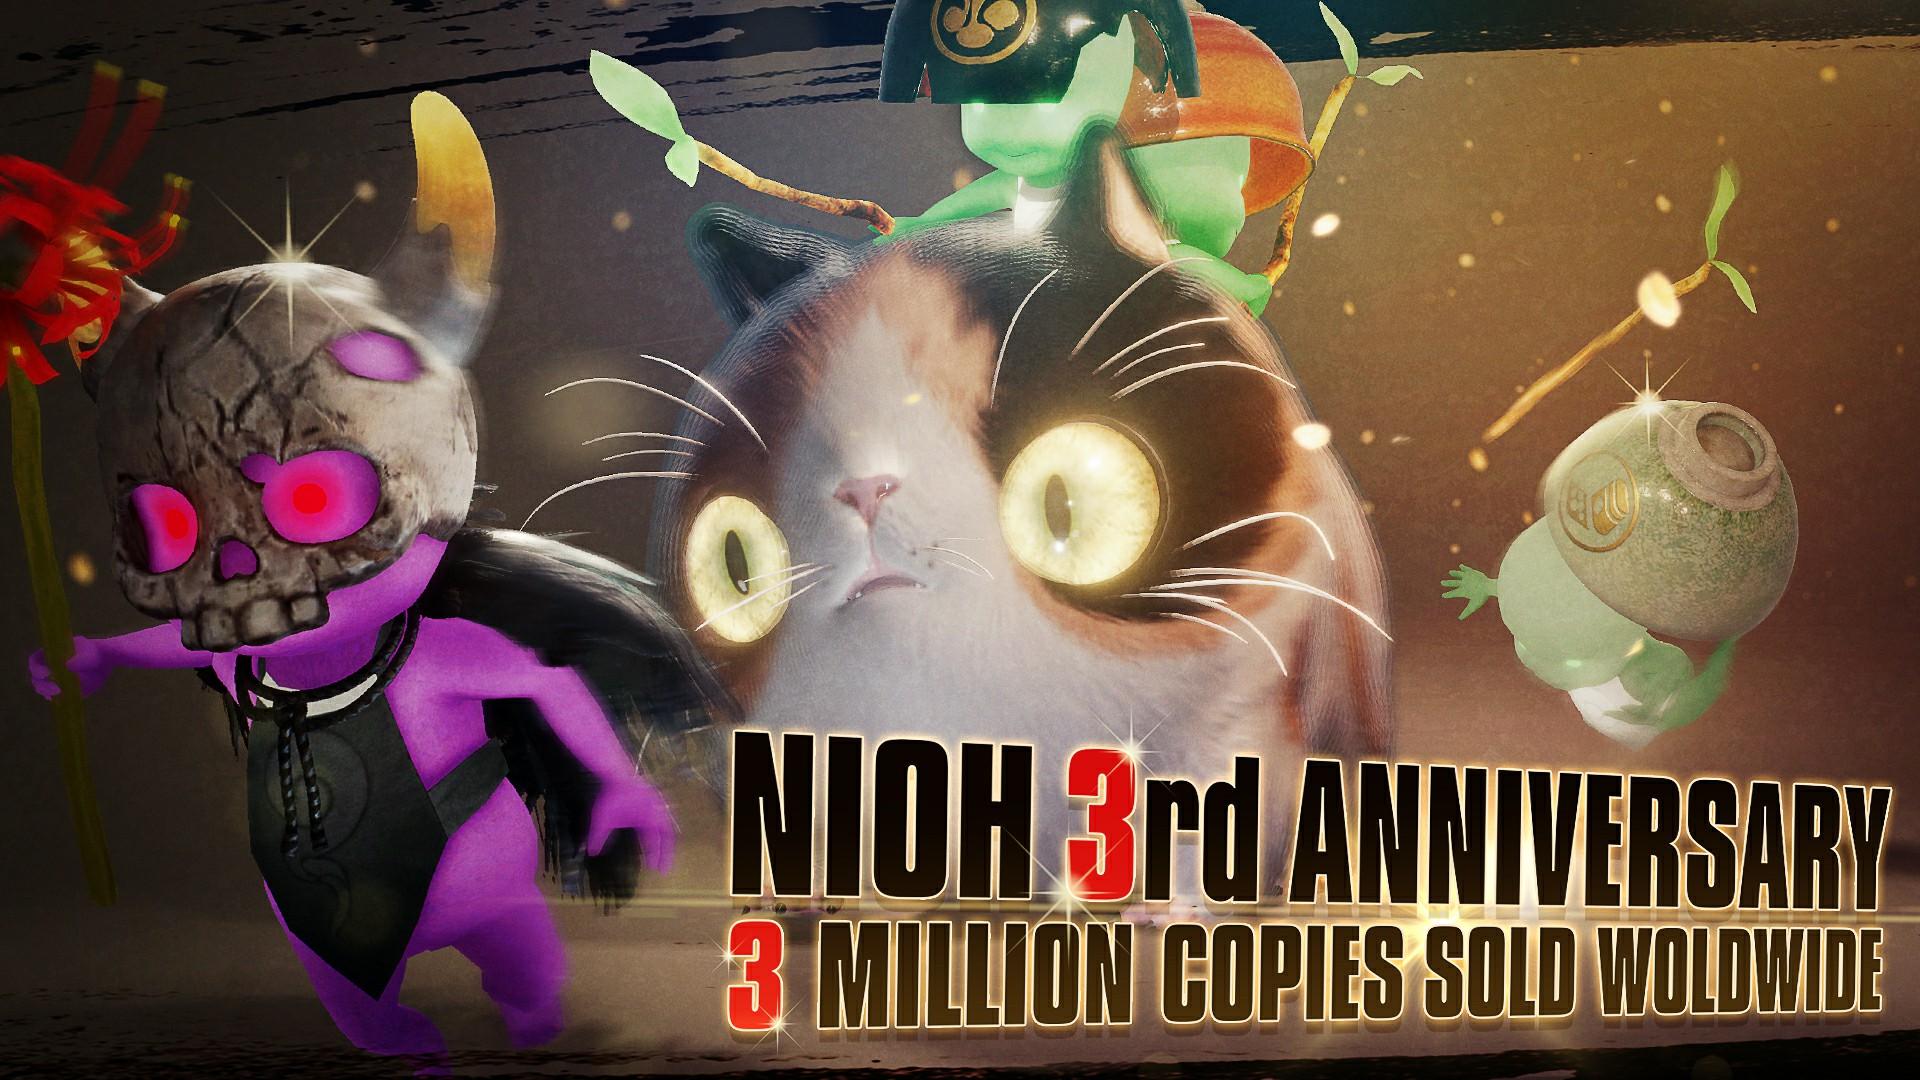 《仁王》发售三周年纪念 全球出货量突破300万份